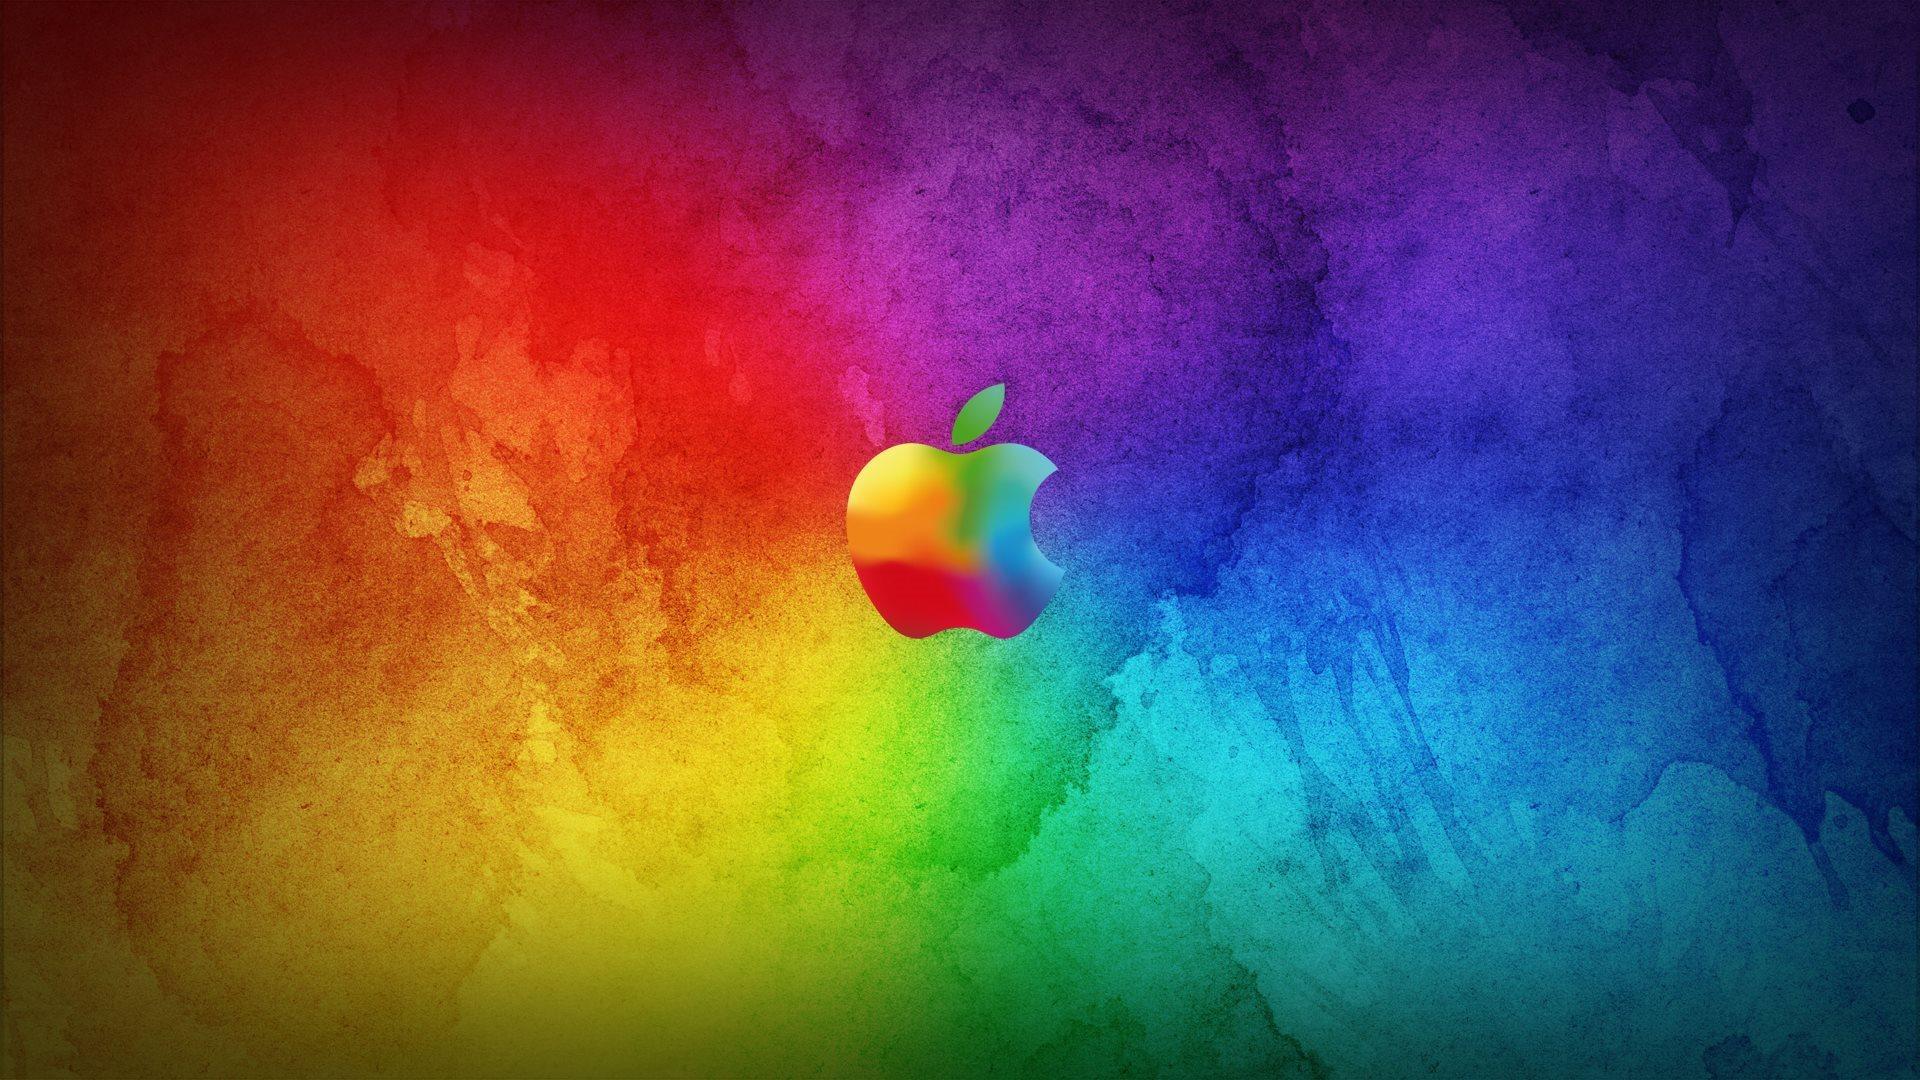 apple hd wallpapers - wallpapersafari